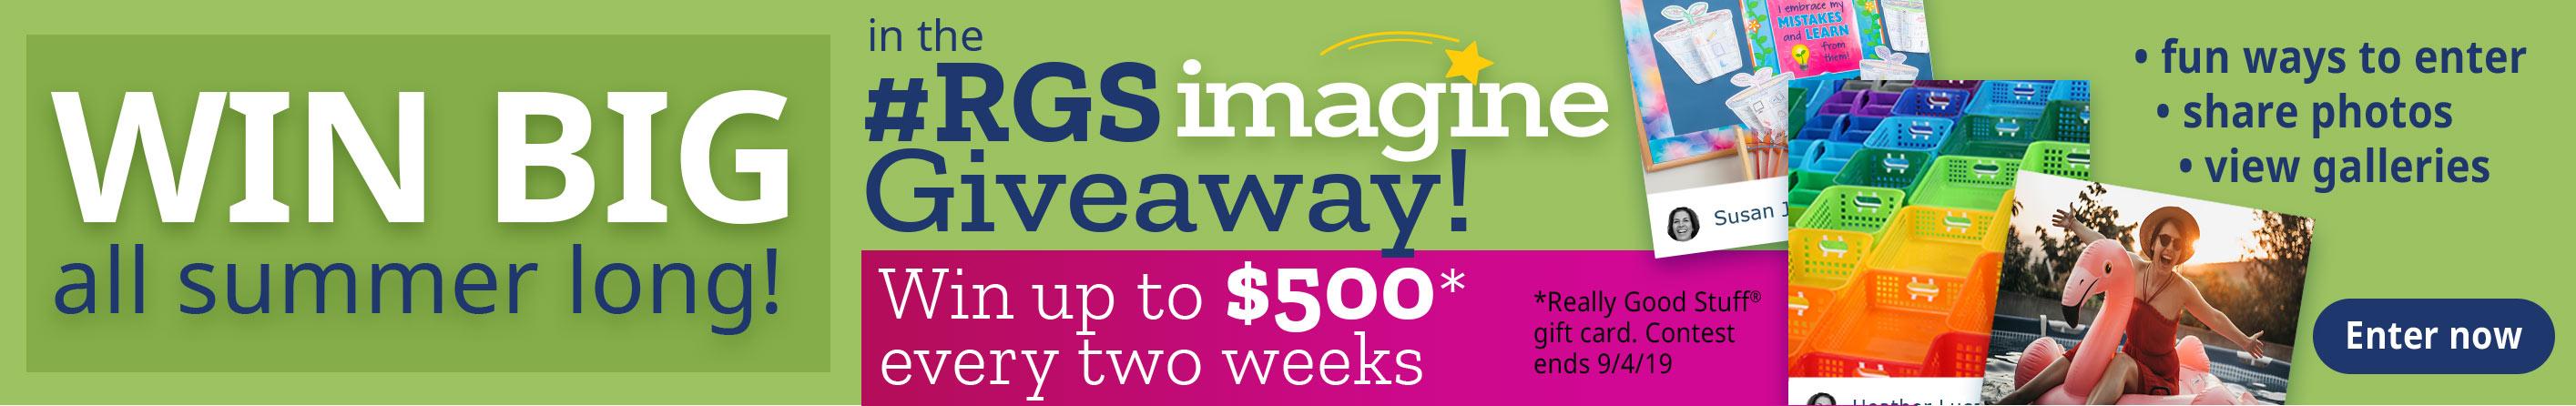 Rgsimagine Contest Banner